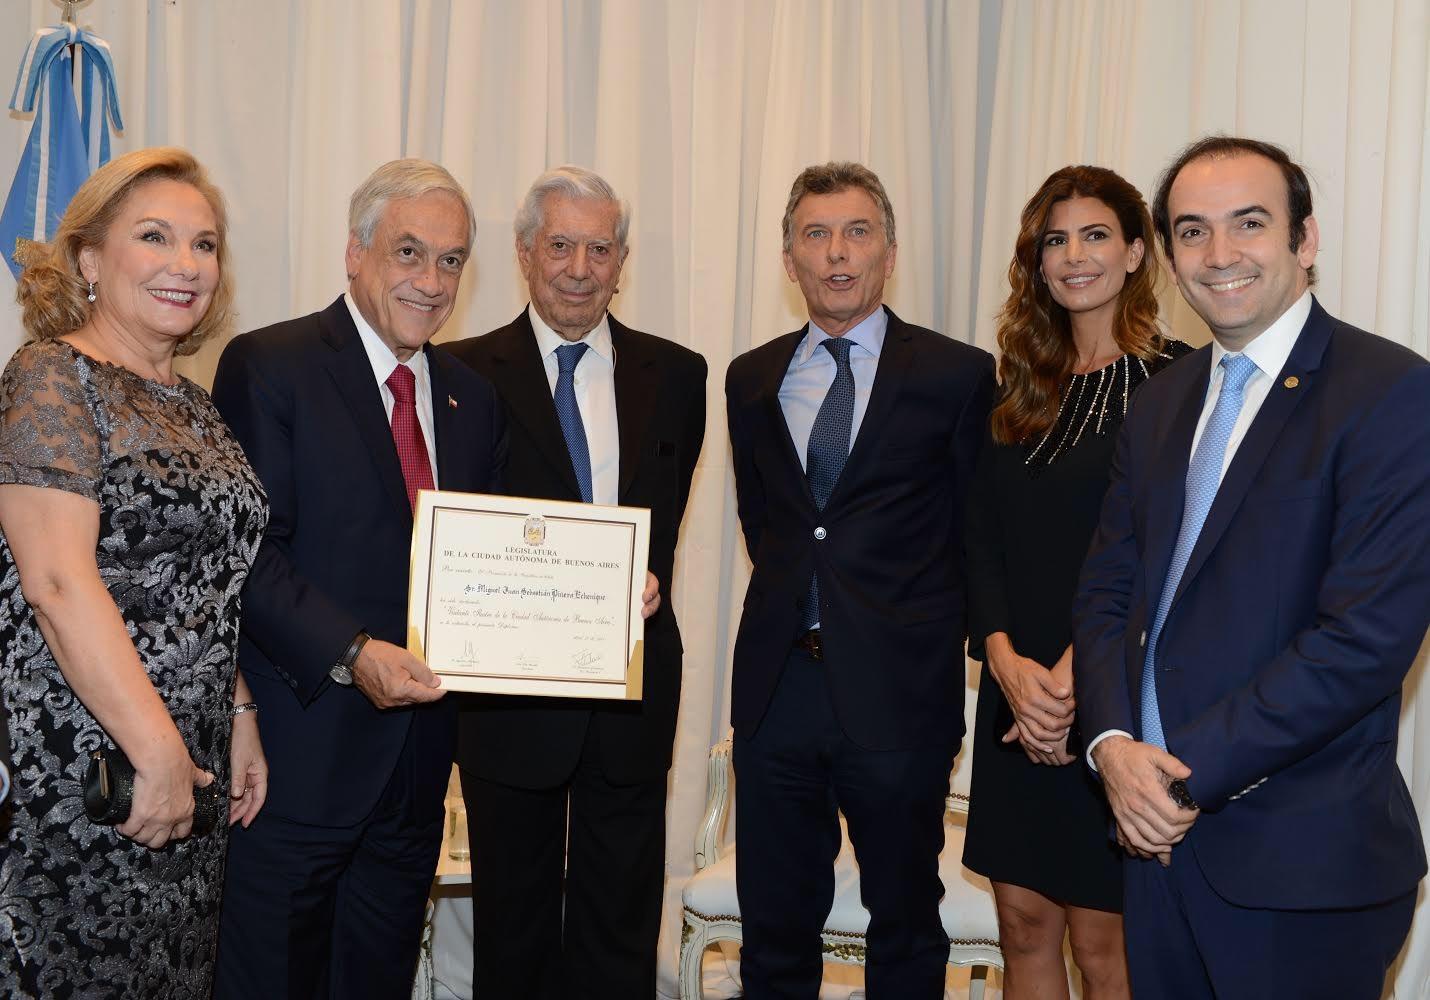 El legislador porteño Francisco Quintana le entregó un diploma al presidente chileno